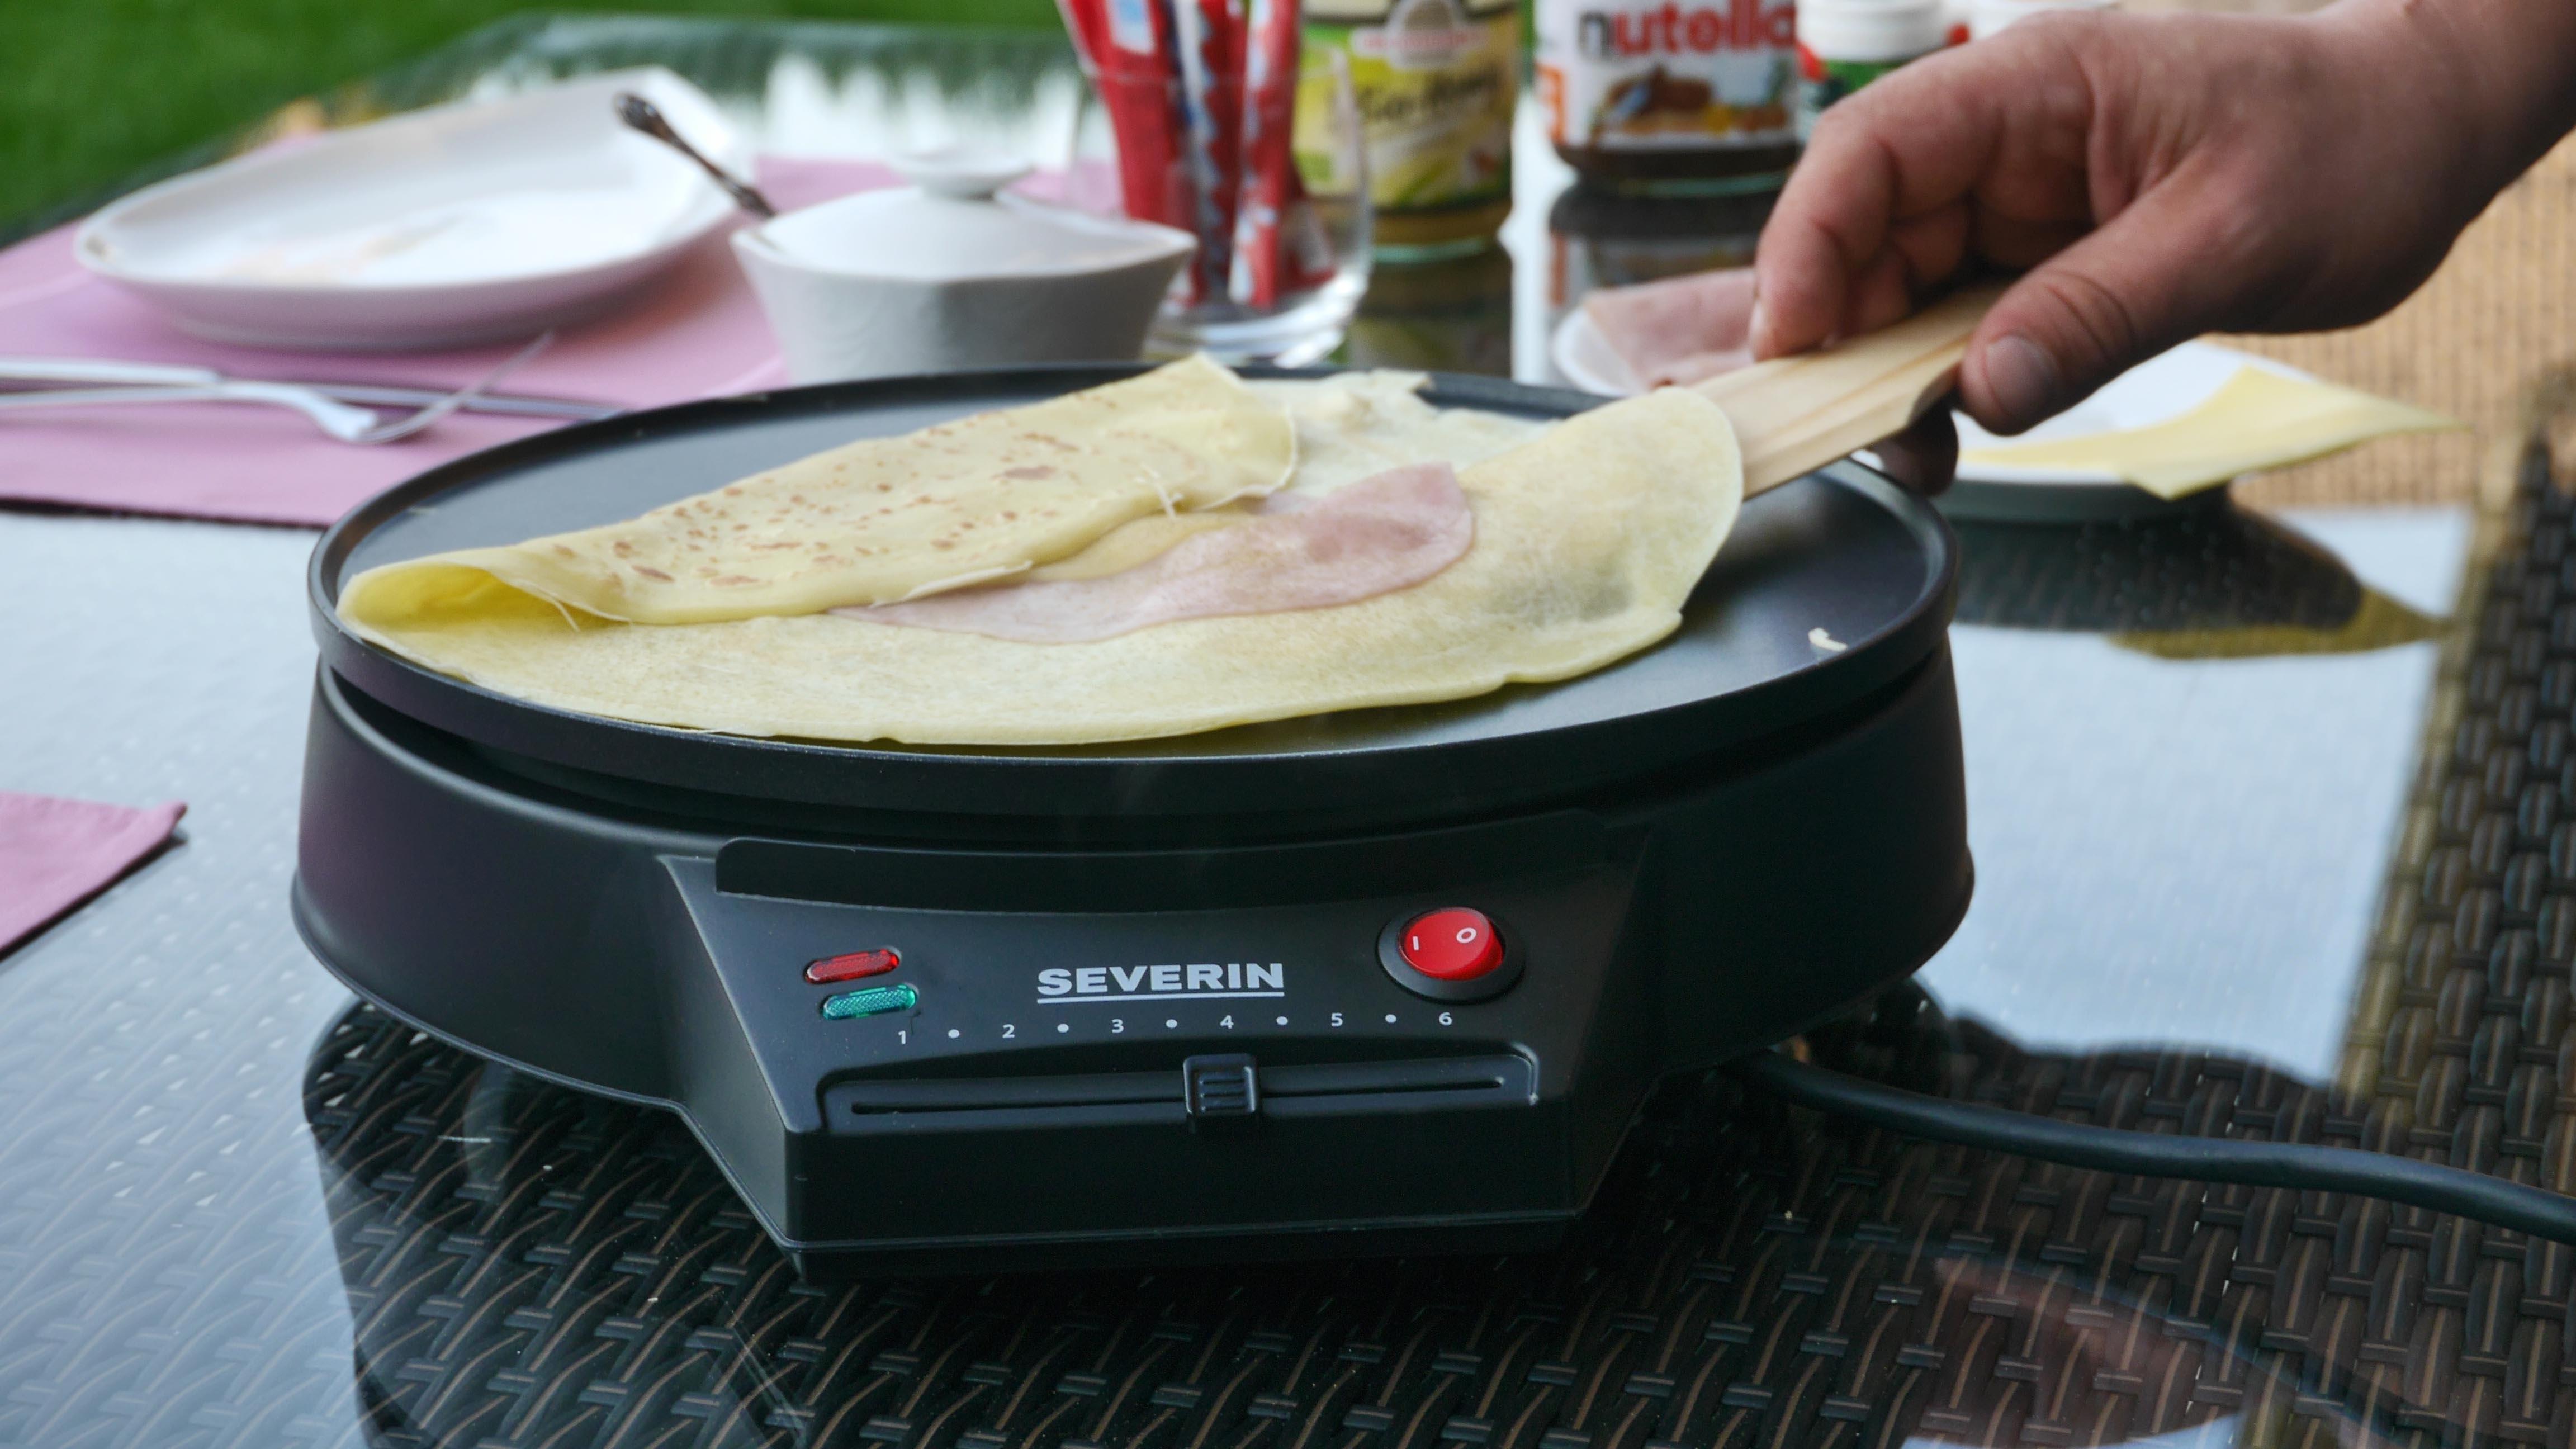 Küchenkleingeräte Test ~ der severin cr u00eapes maker im test hauchzarte cr u00eapes wie in frankreich u2022 koch mit